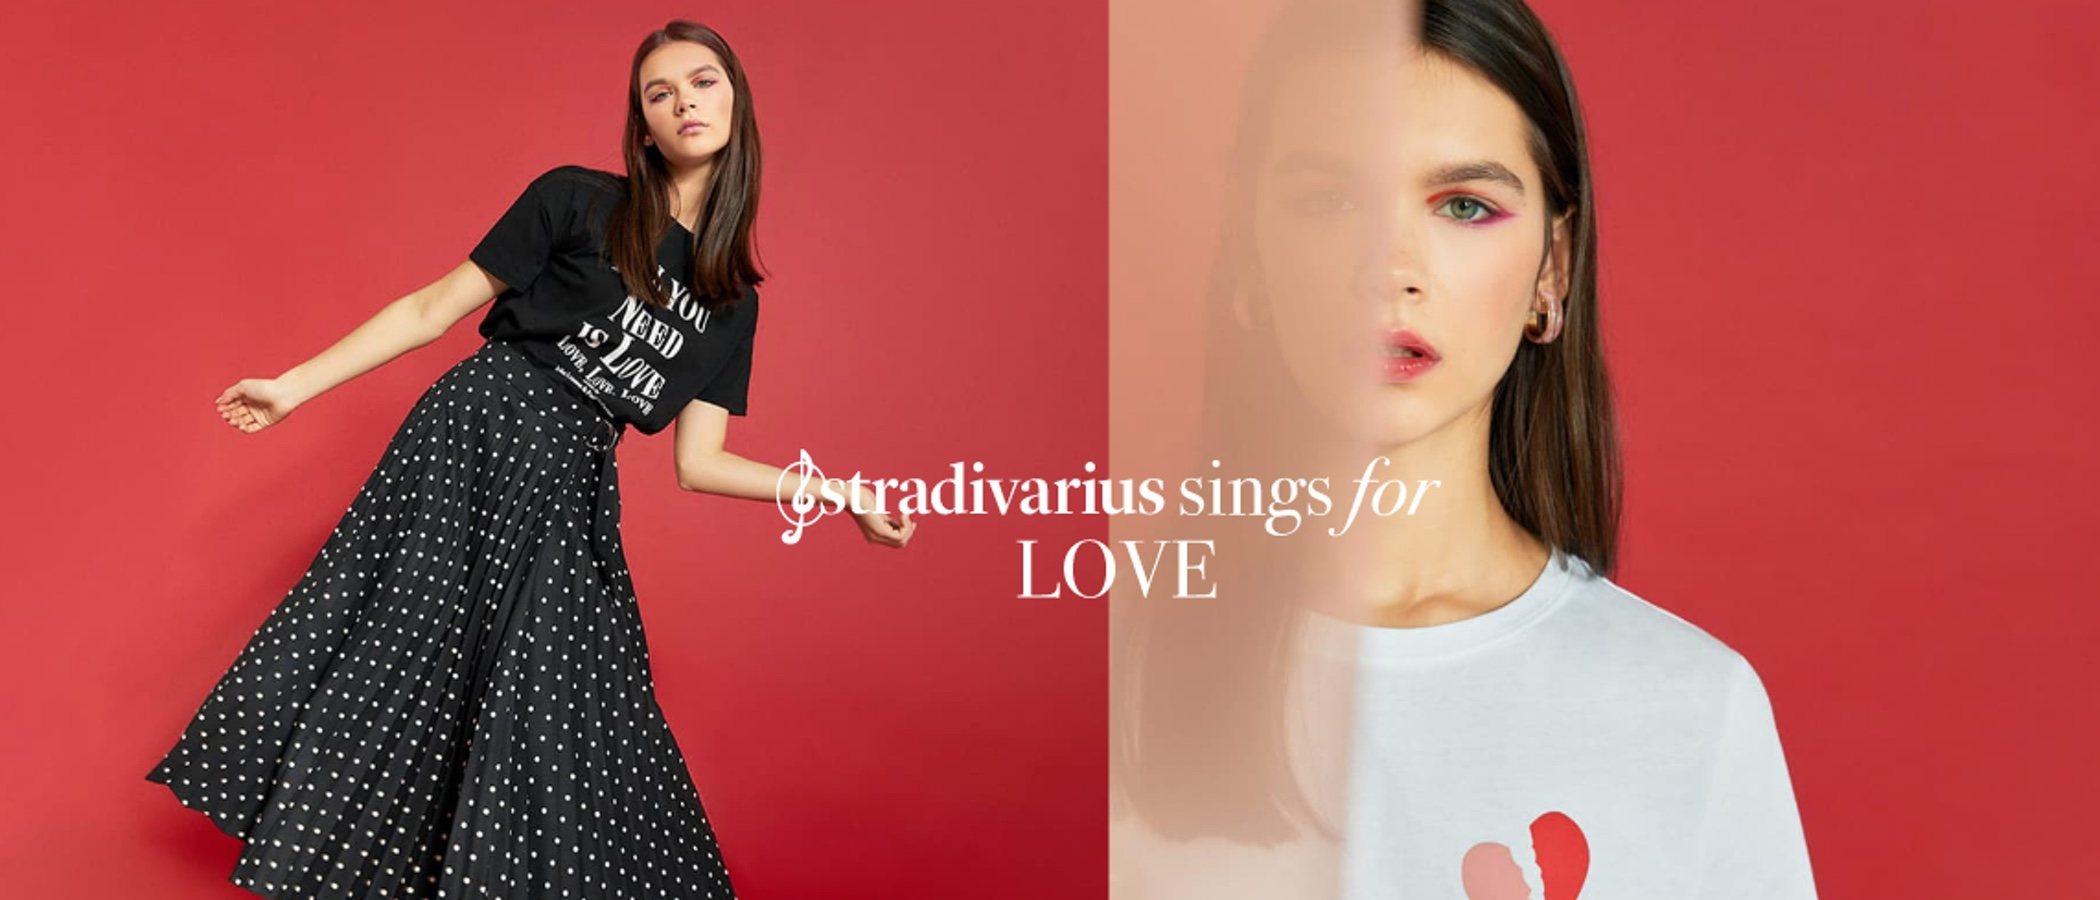 Llega la colección más romántica de Stradivarius: 'Sing for Love'